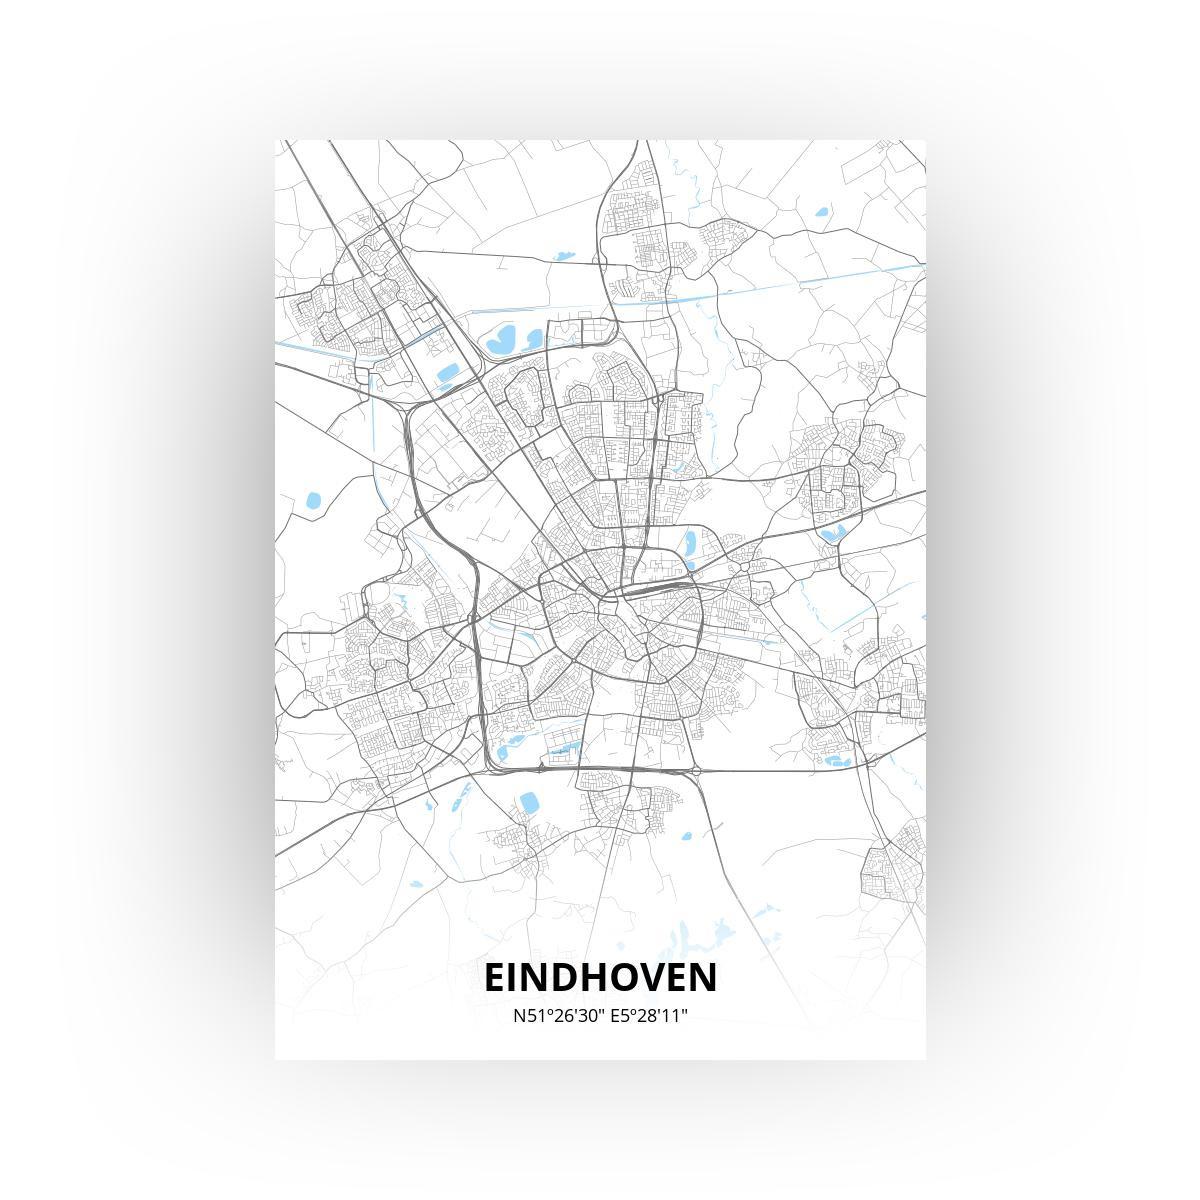 Eindhoven poster - Zelf aan te passen!